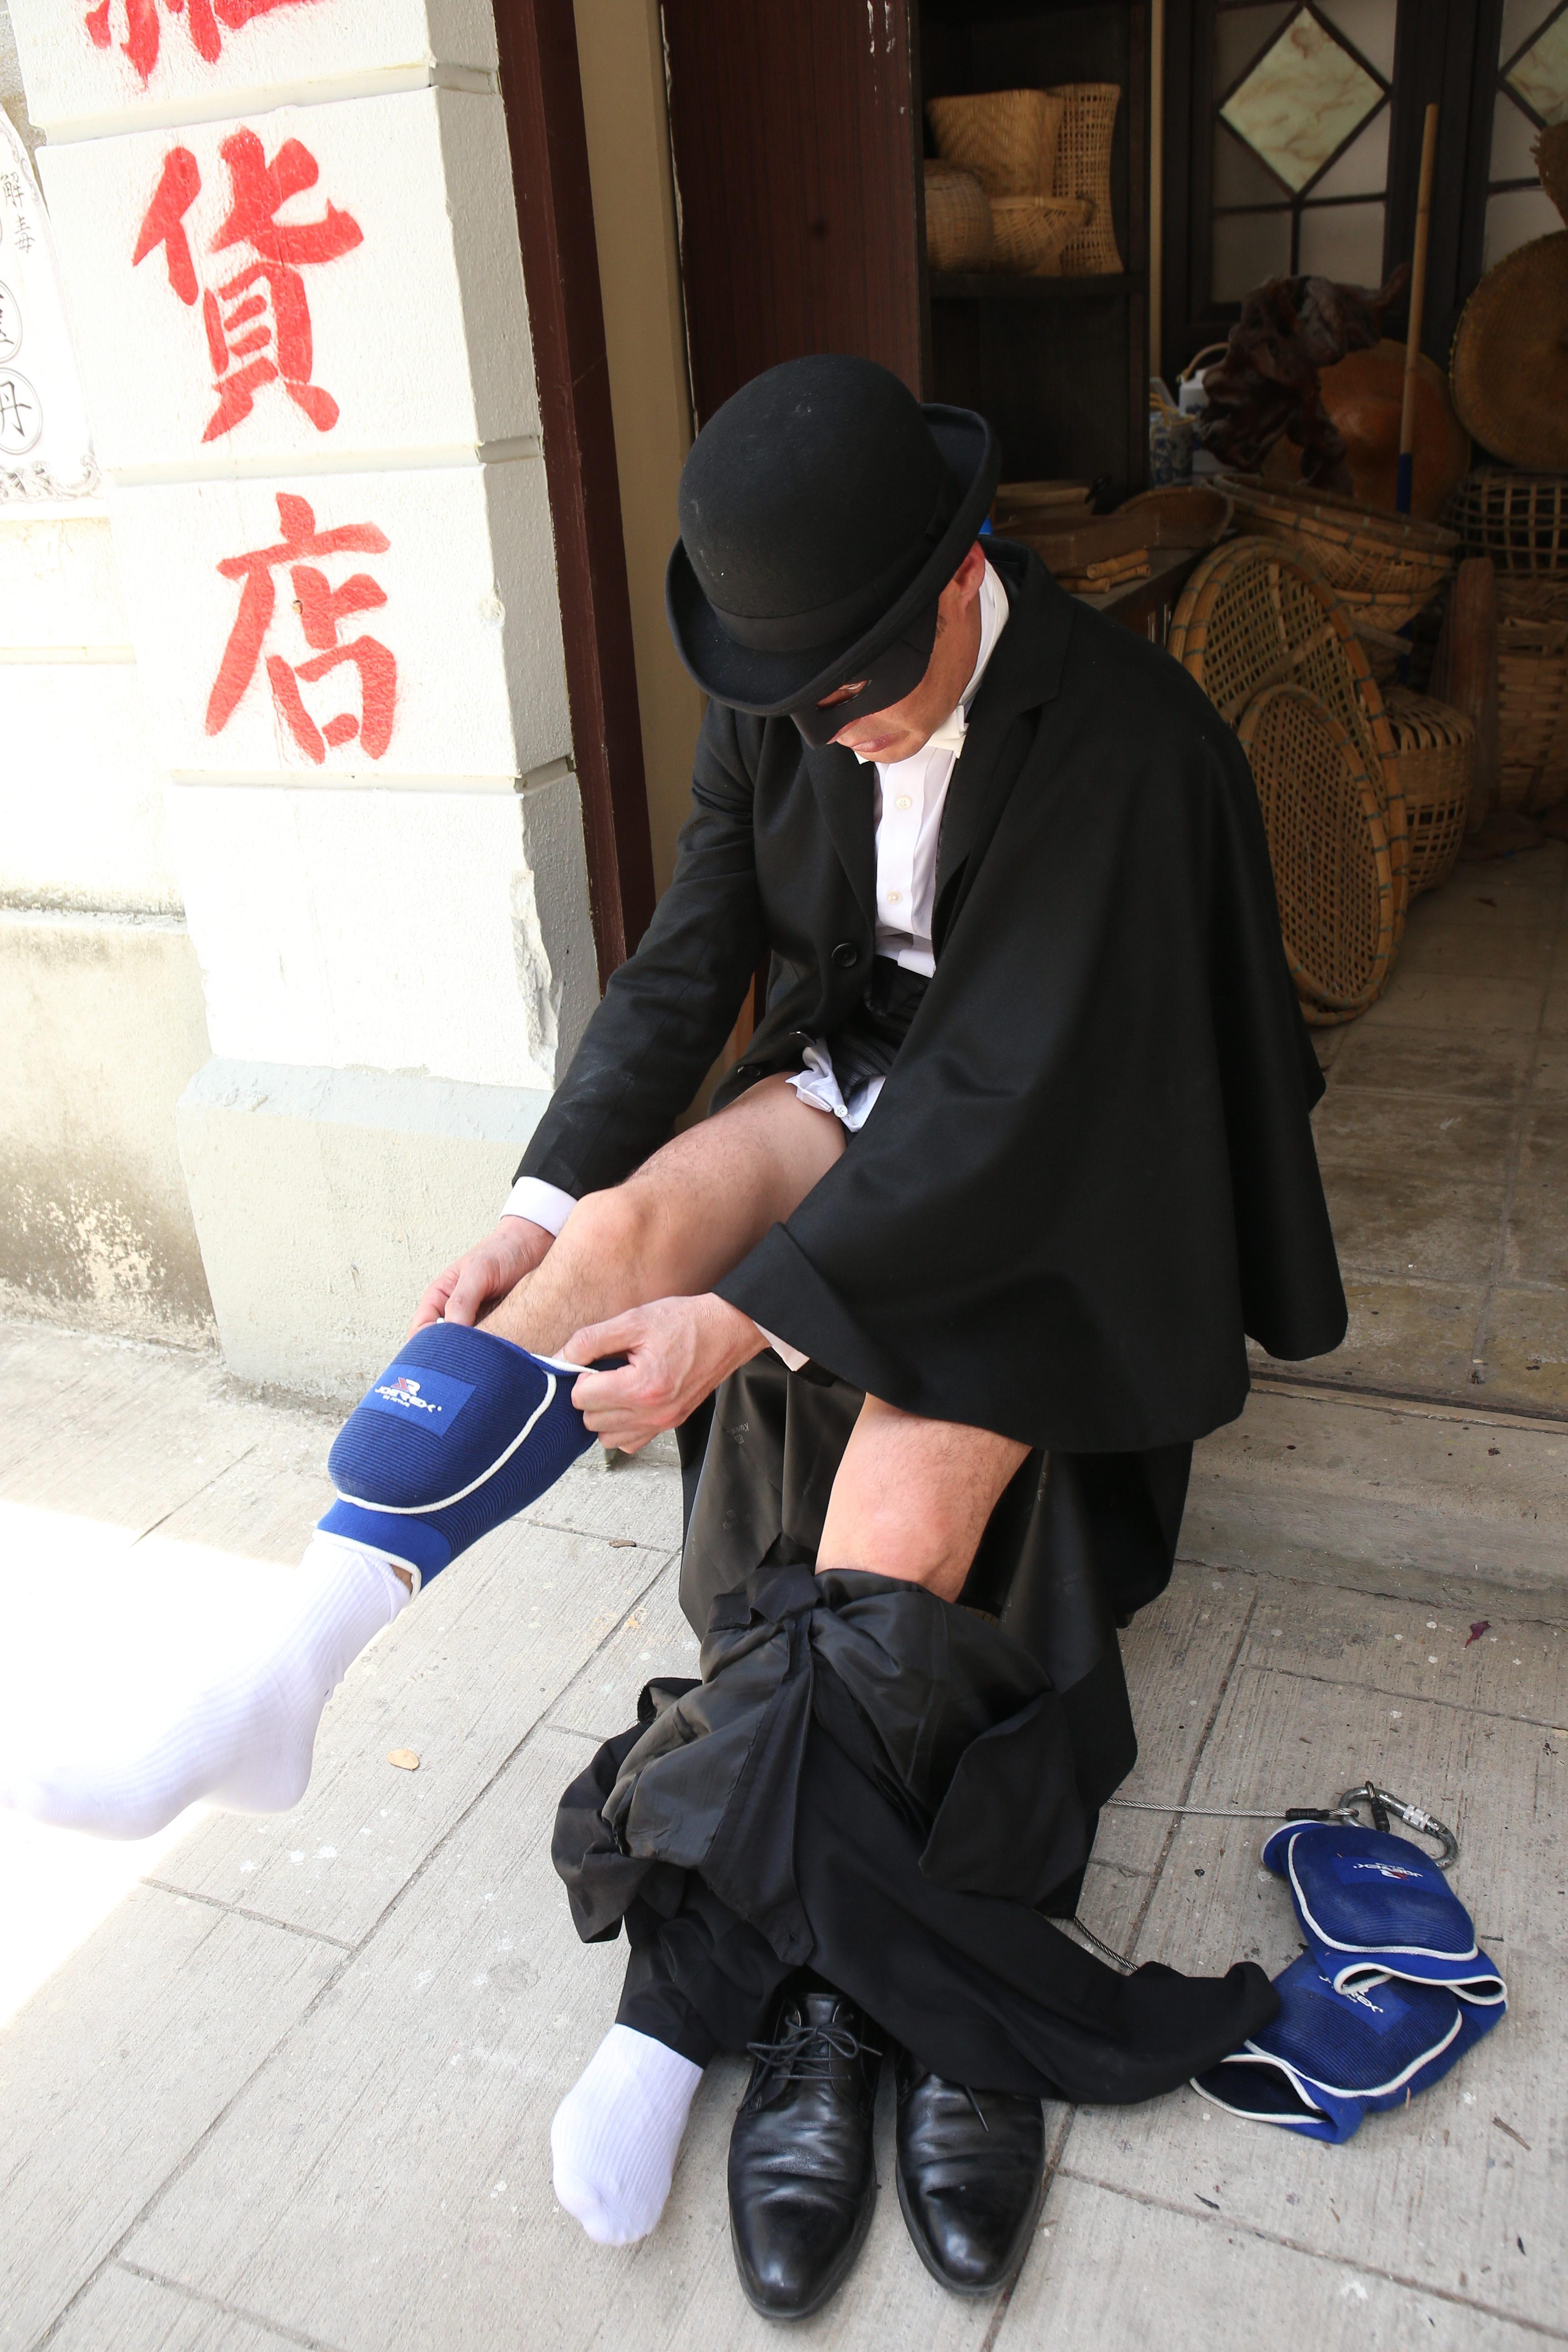 每次拍攝吊威也及動作場面,黃智賢都會做足安全措施。